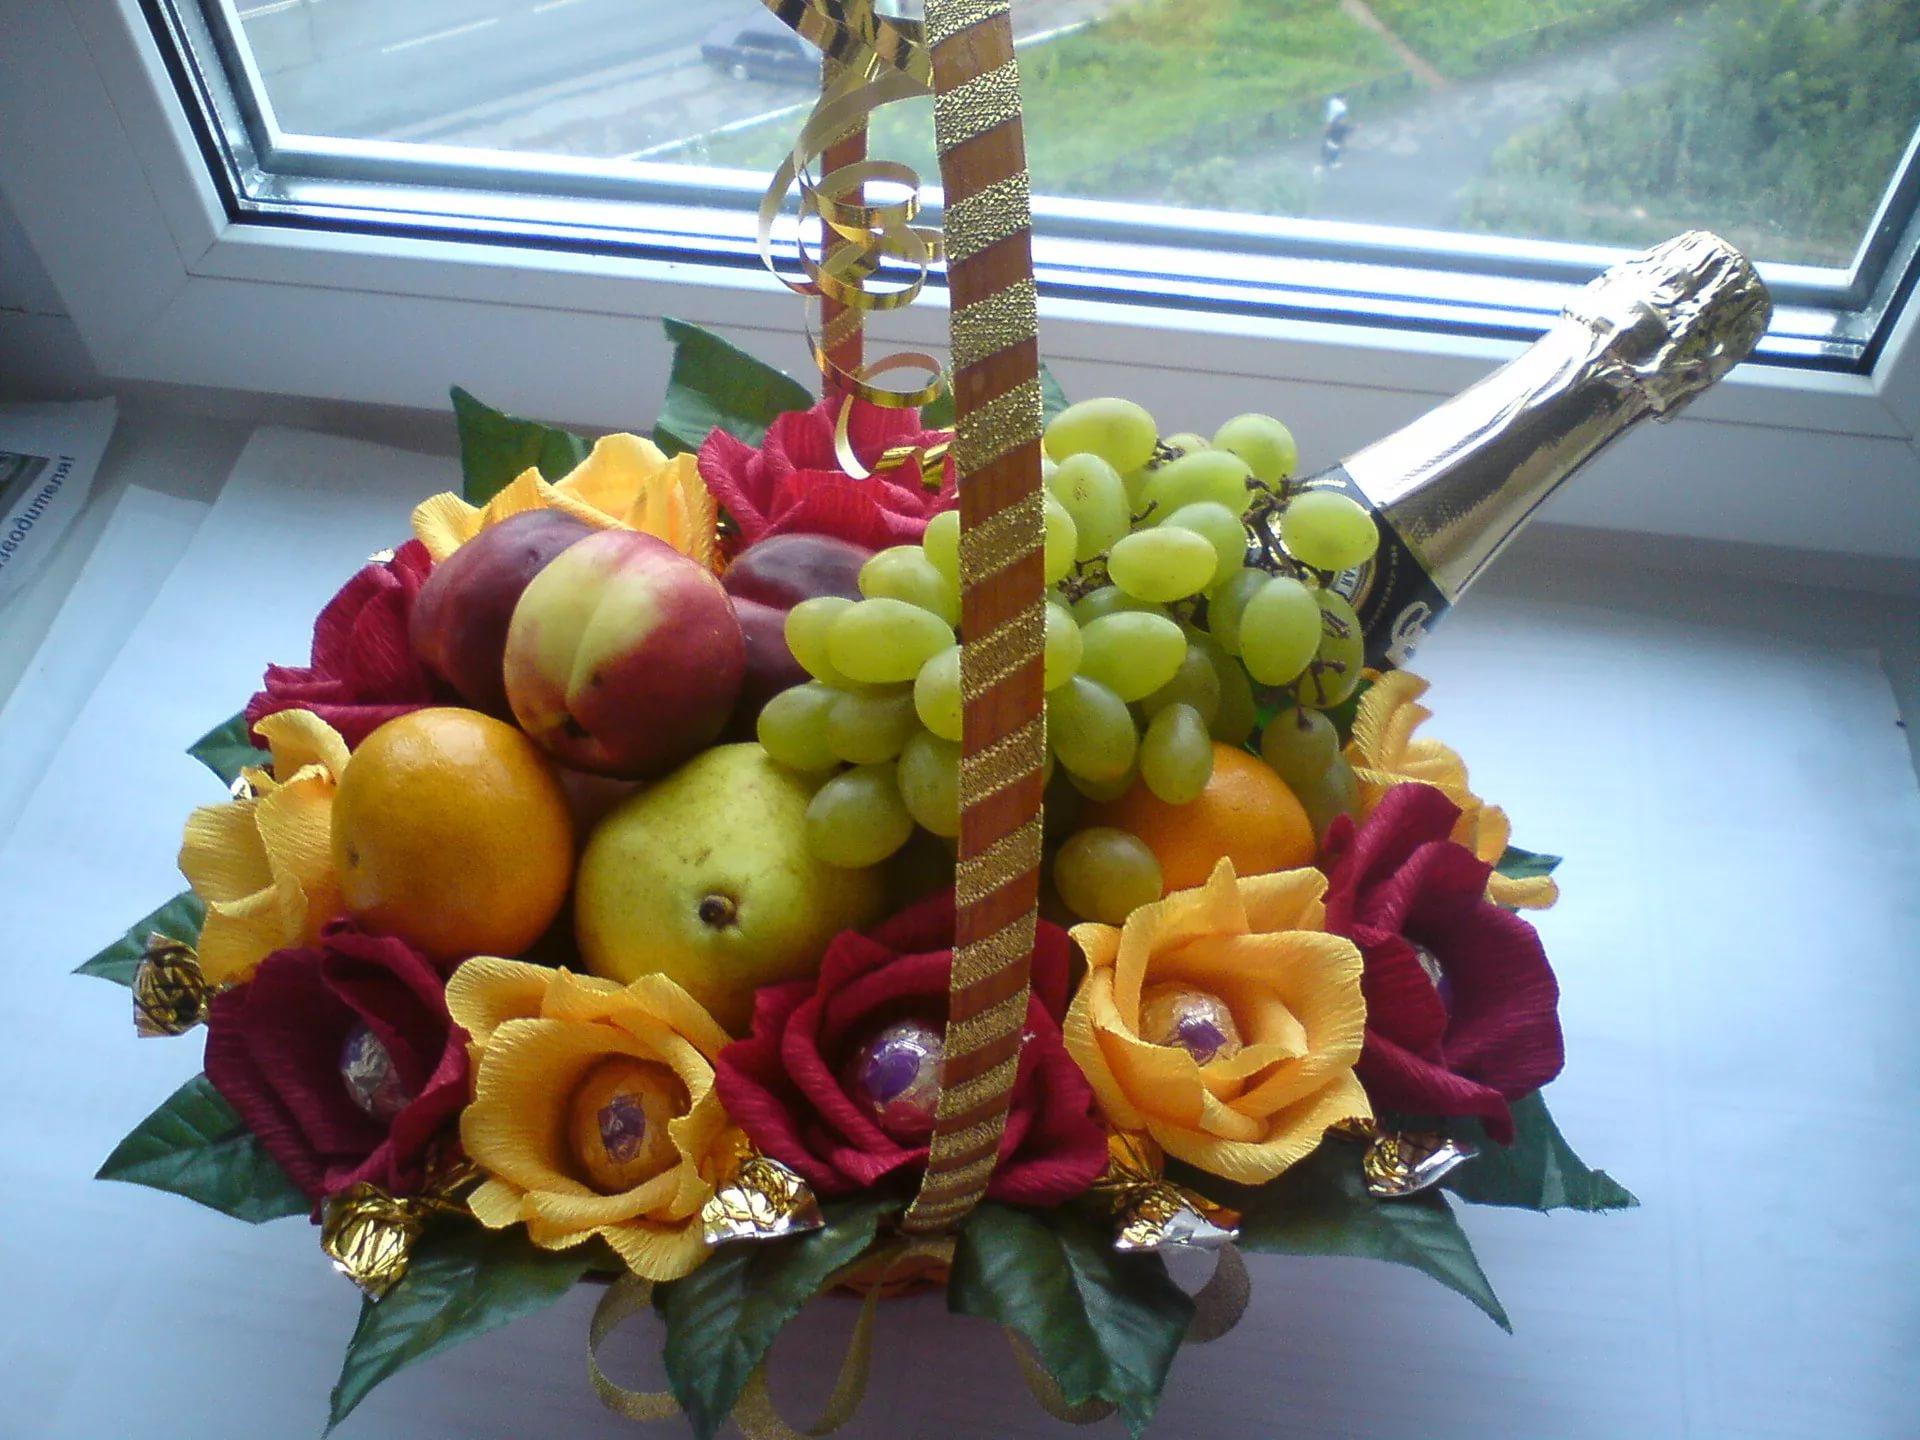 фруктово конфетный букет своими руками пошаговое фото что каждая